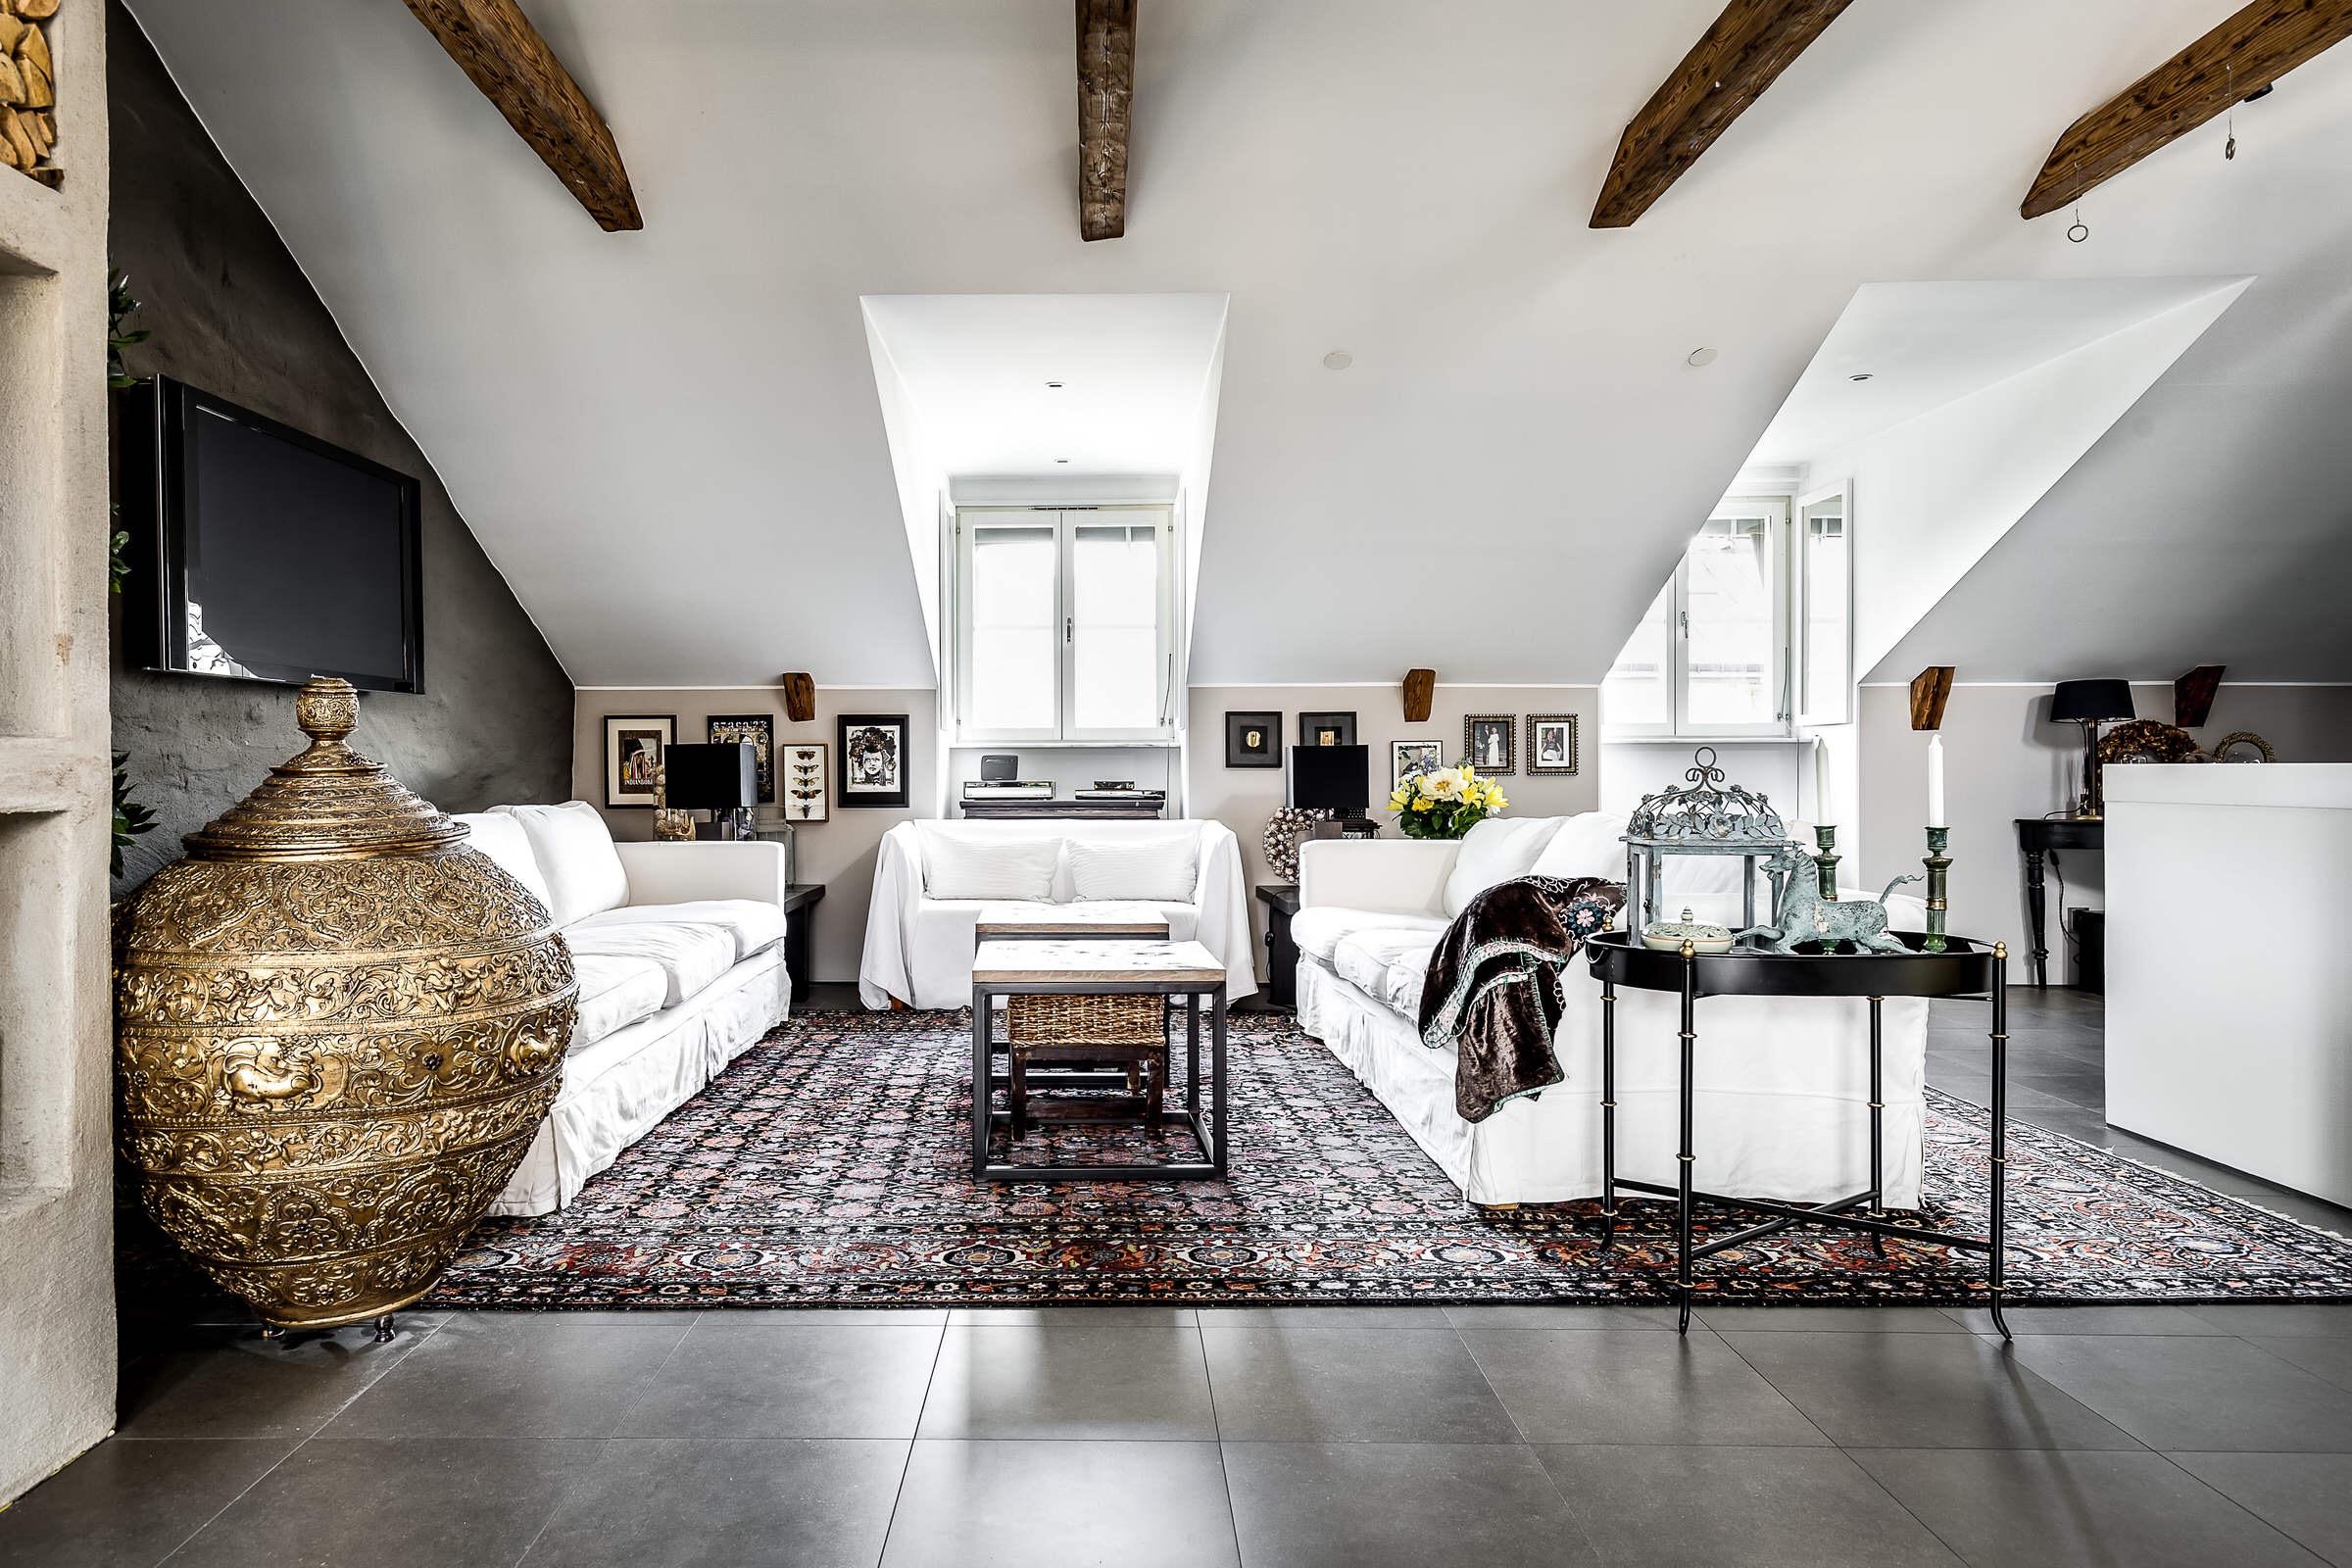 мансарда белые стены высокий потолок балки диван ковер телевизор столик